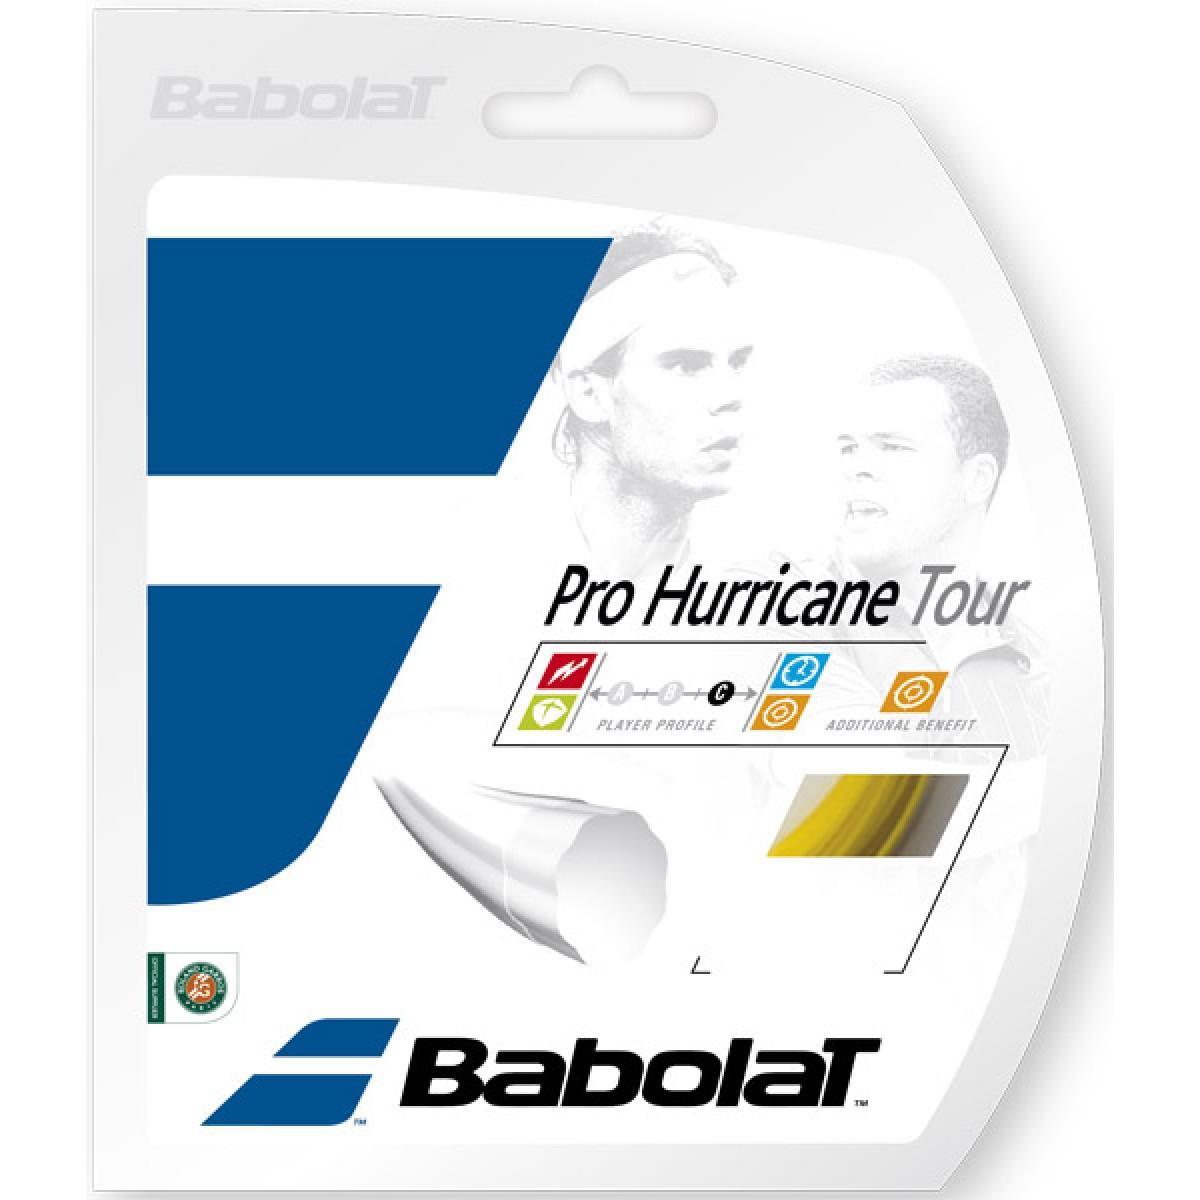 CORDA BABOLAT PRO HURRICANE TOUR (12 METRI)